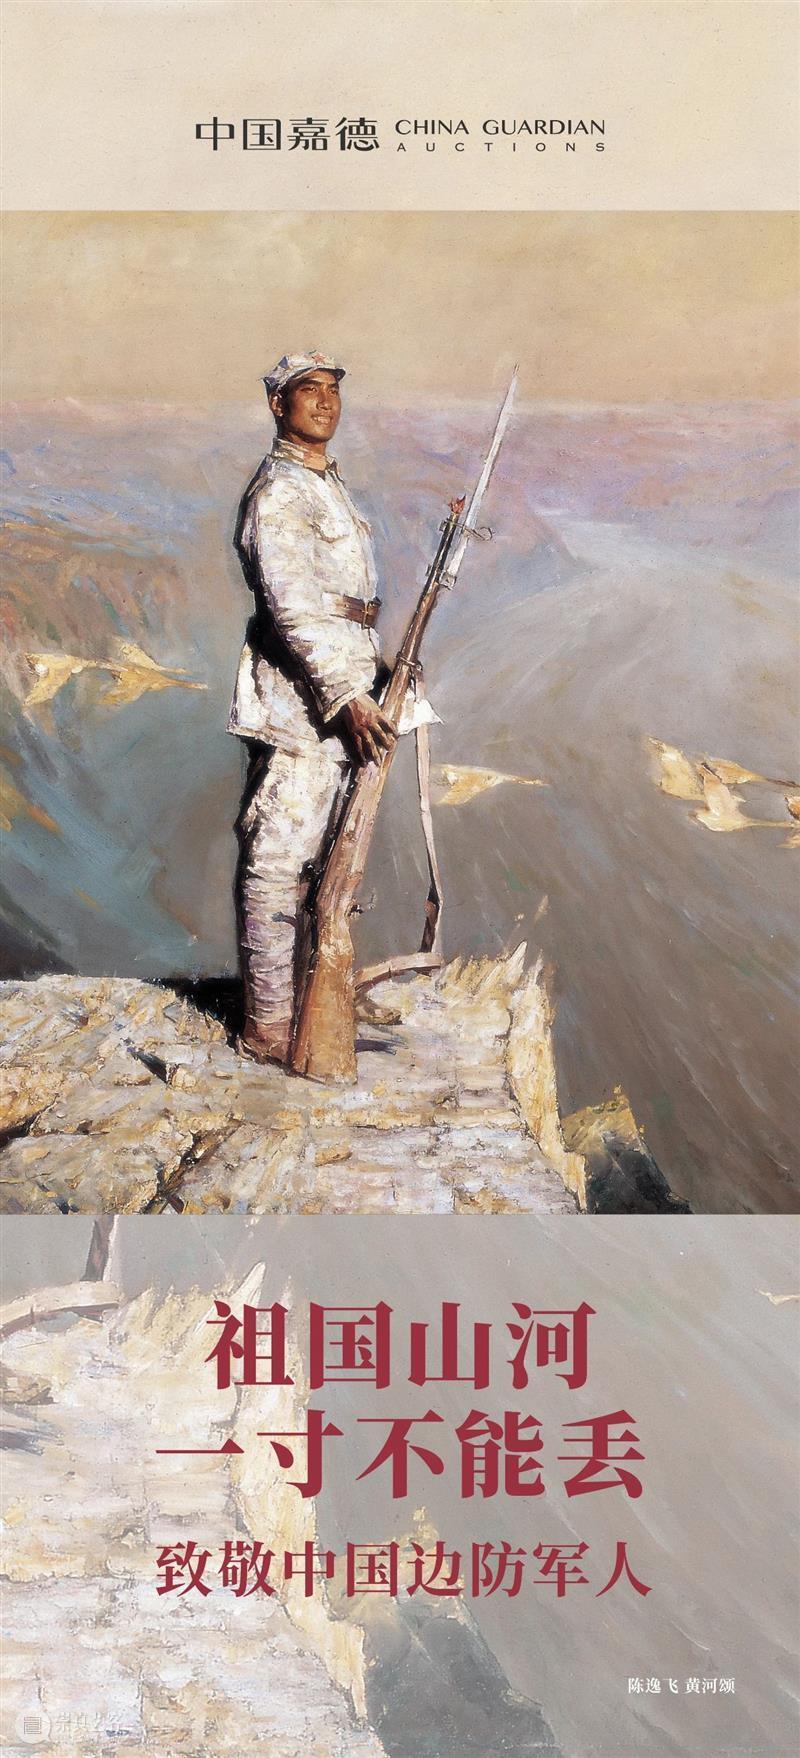 致敬!我们的戍边英雄 英雄 戍边 很多人 朋友圈 喀喇昆仑山 事迹 祖国 山河 生命 边防 崇真艺客